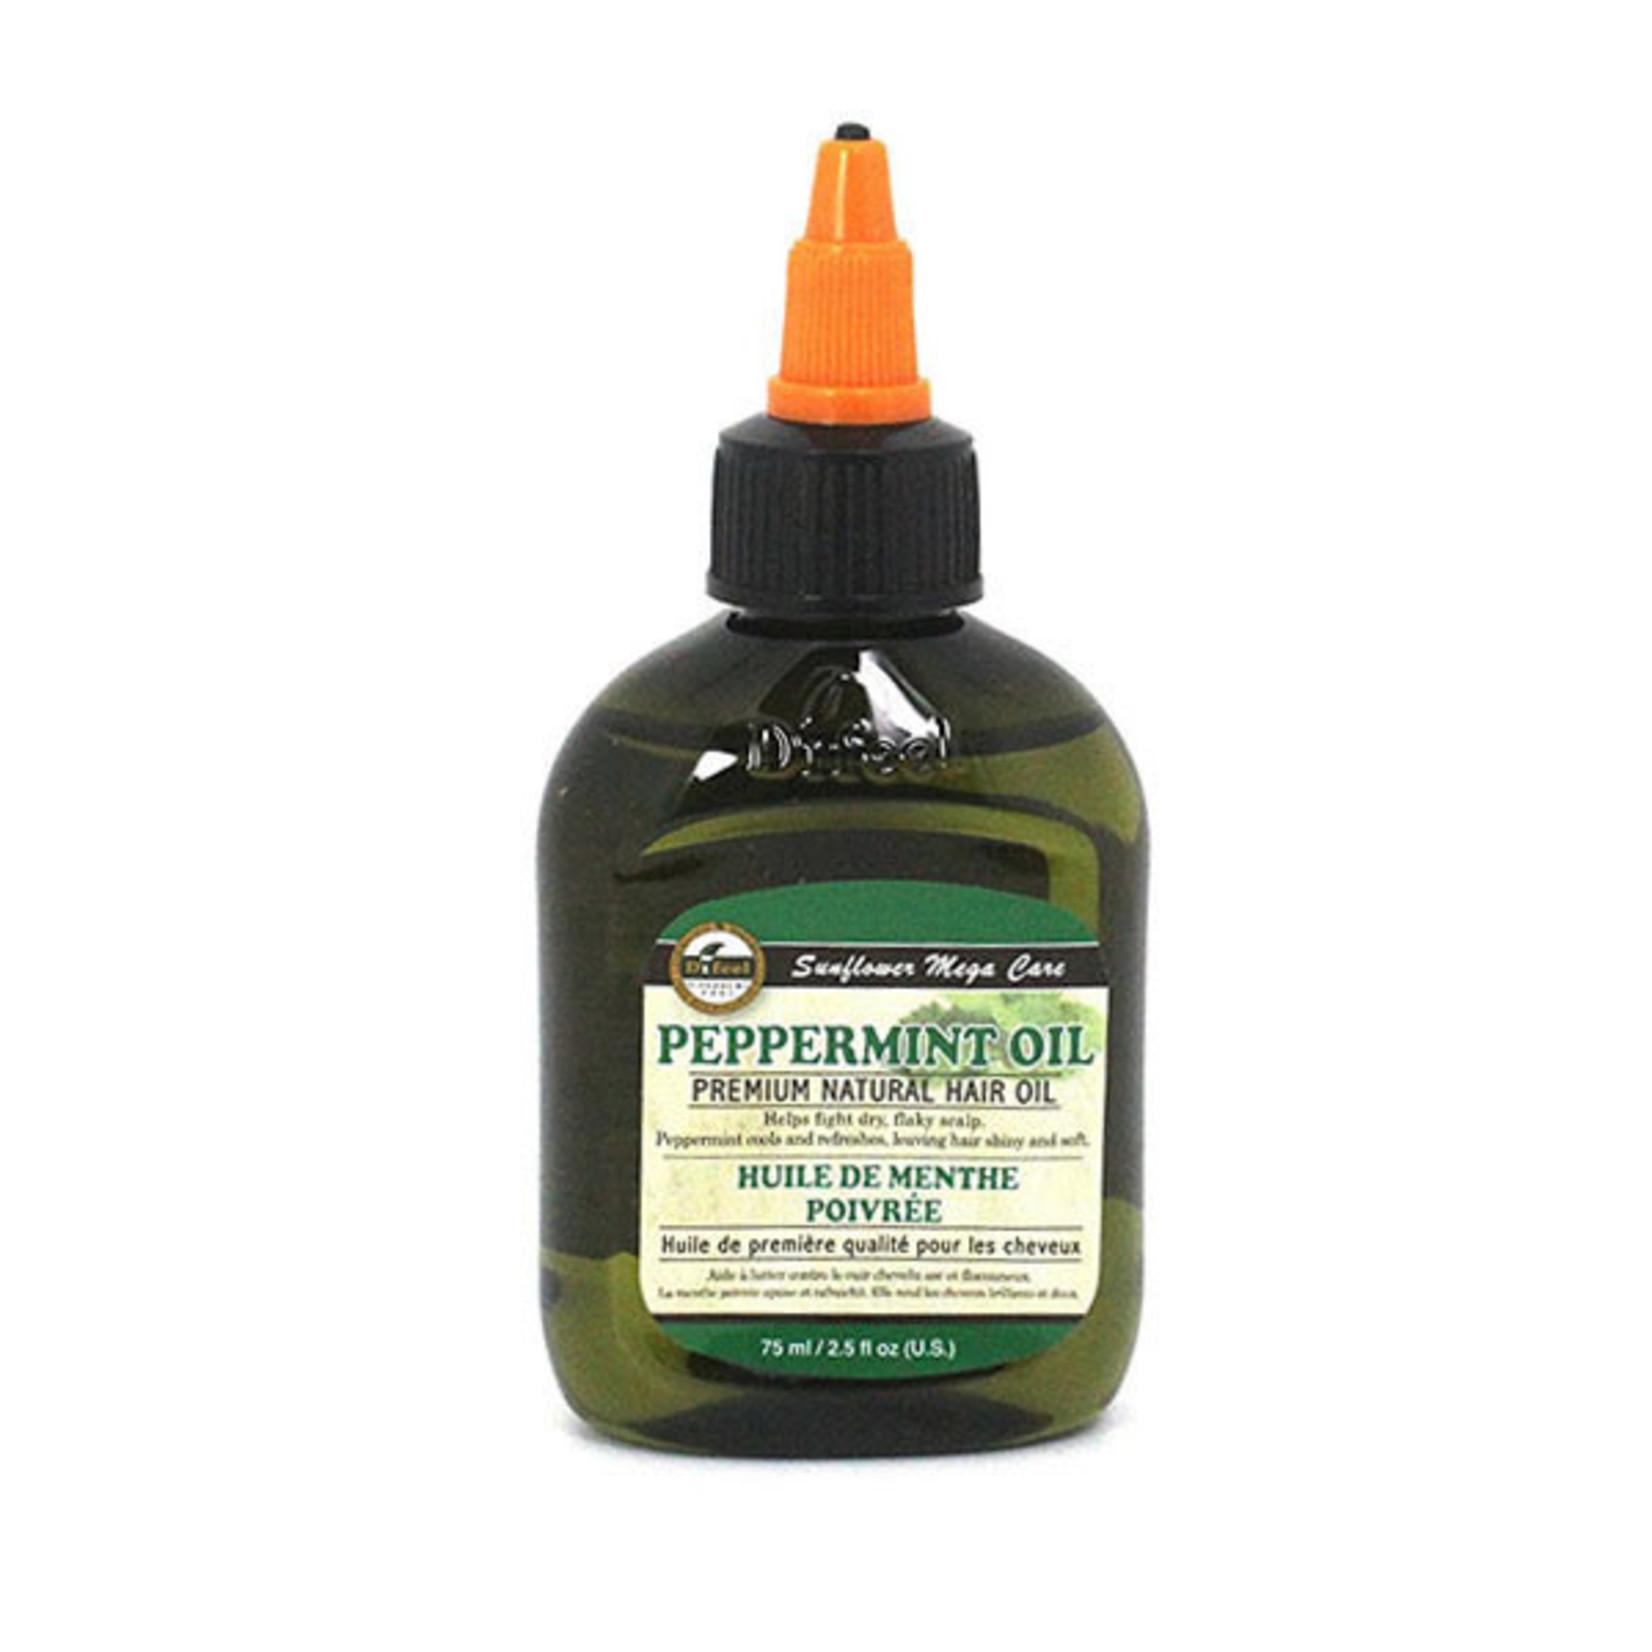 SUNFLOWER SUNFLOWER DIFEEL 99% NATURAL BLEND PREMIUM HAIR OIL [2.5OZ] - PEPPERMINT OIL